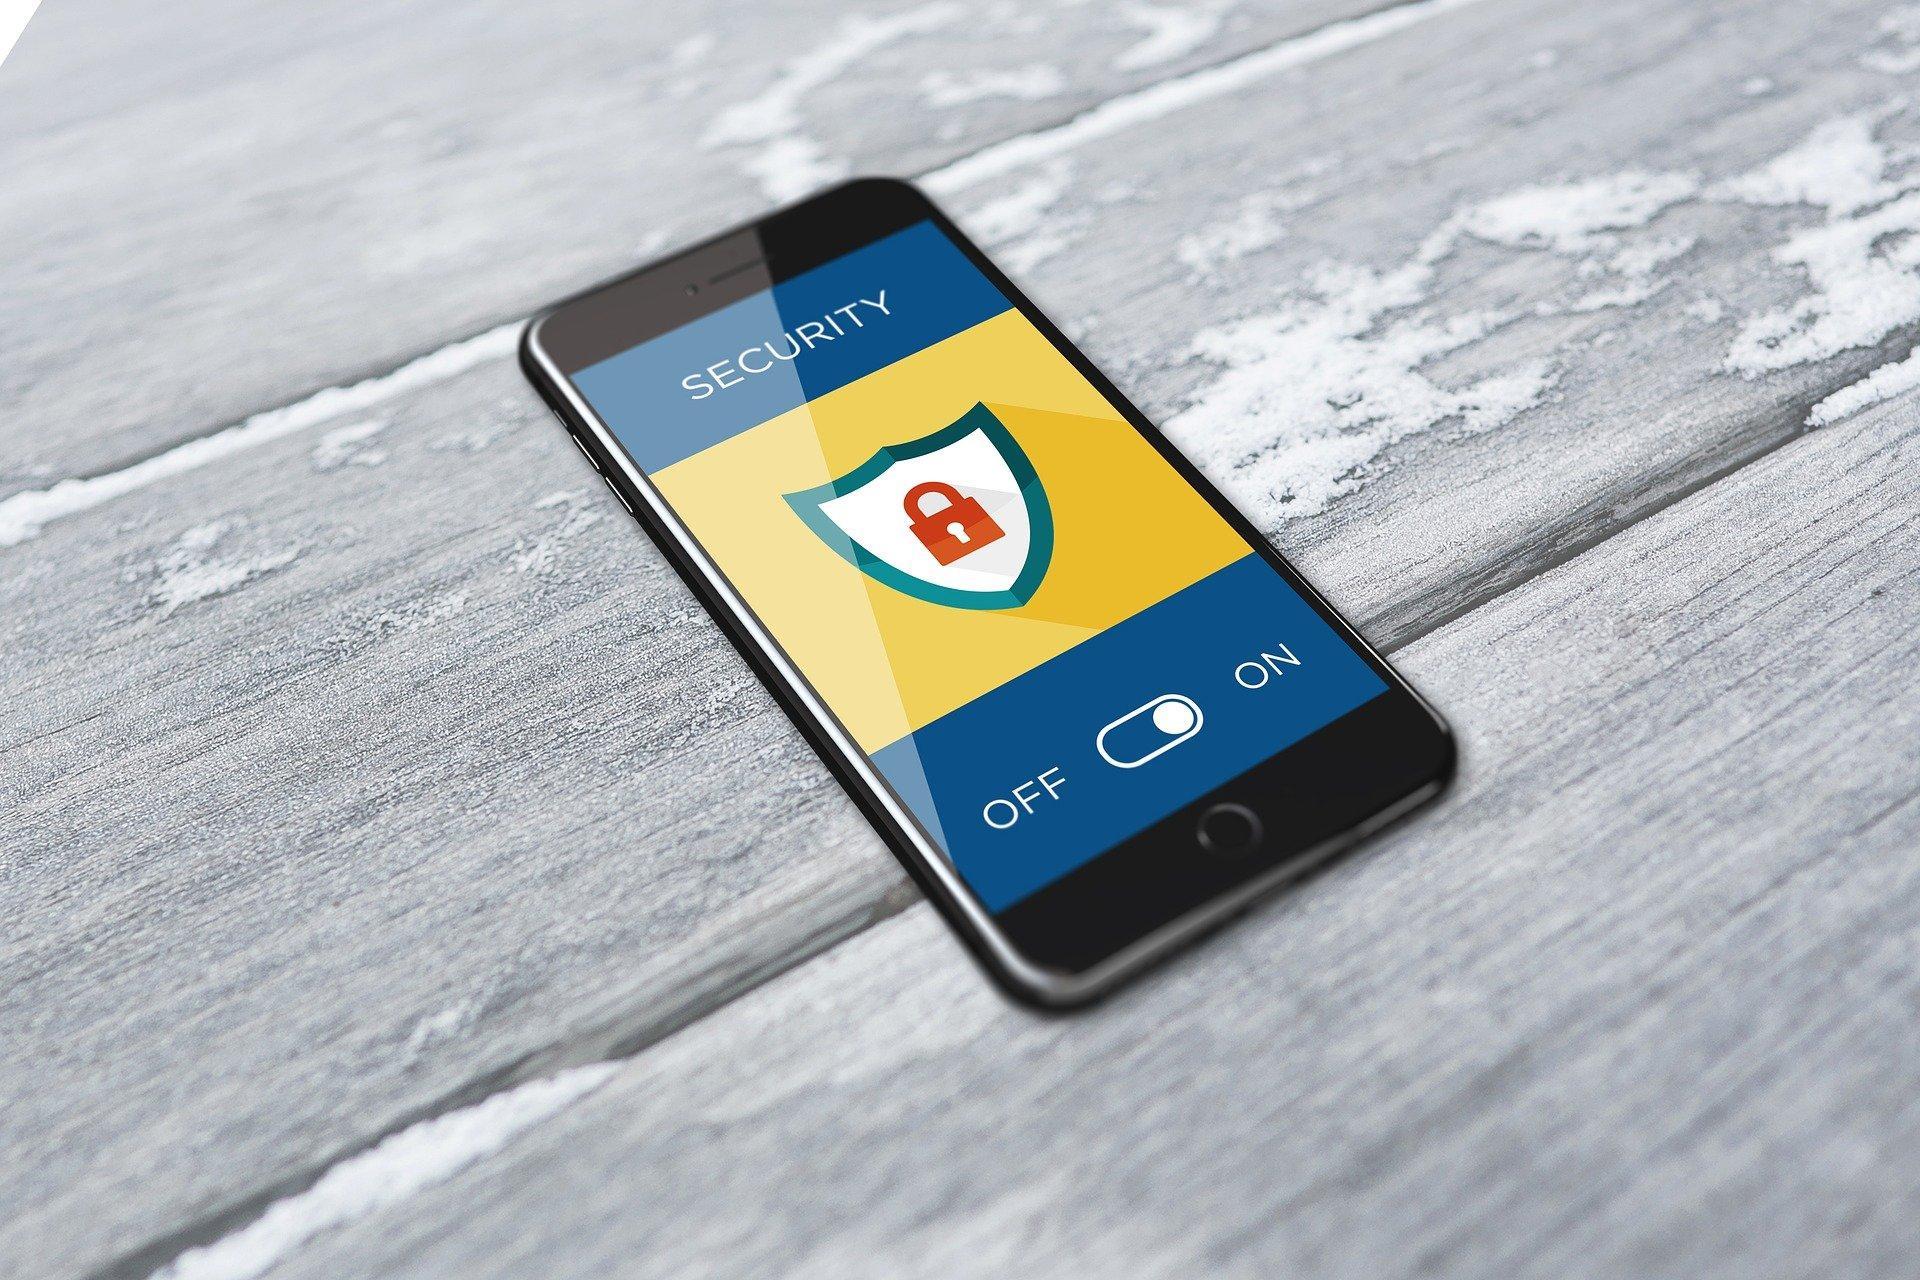 У Дэниела Крейга в Москве украли смартфон Xiaomi